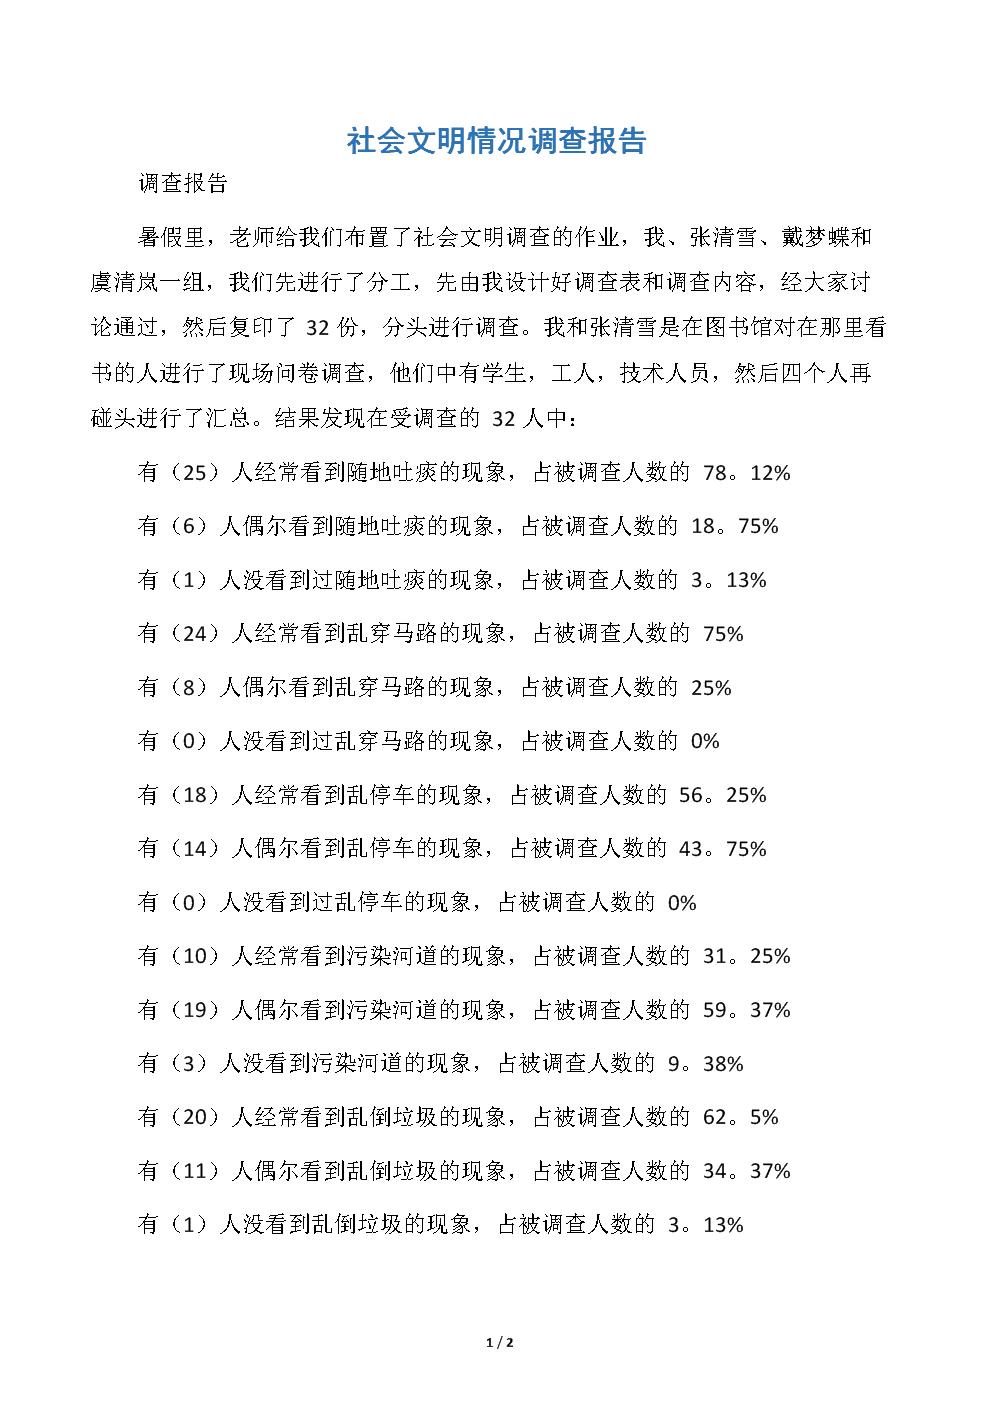 社会文明情况调查报告.docx